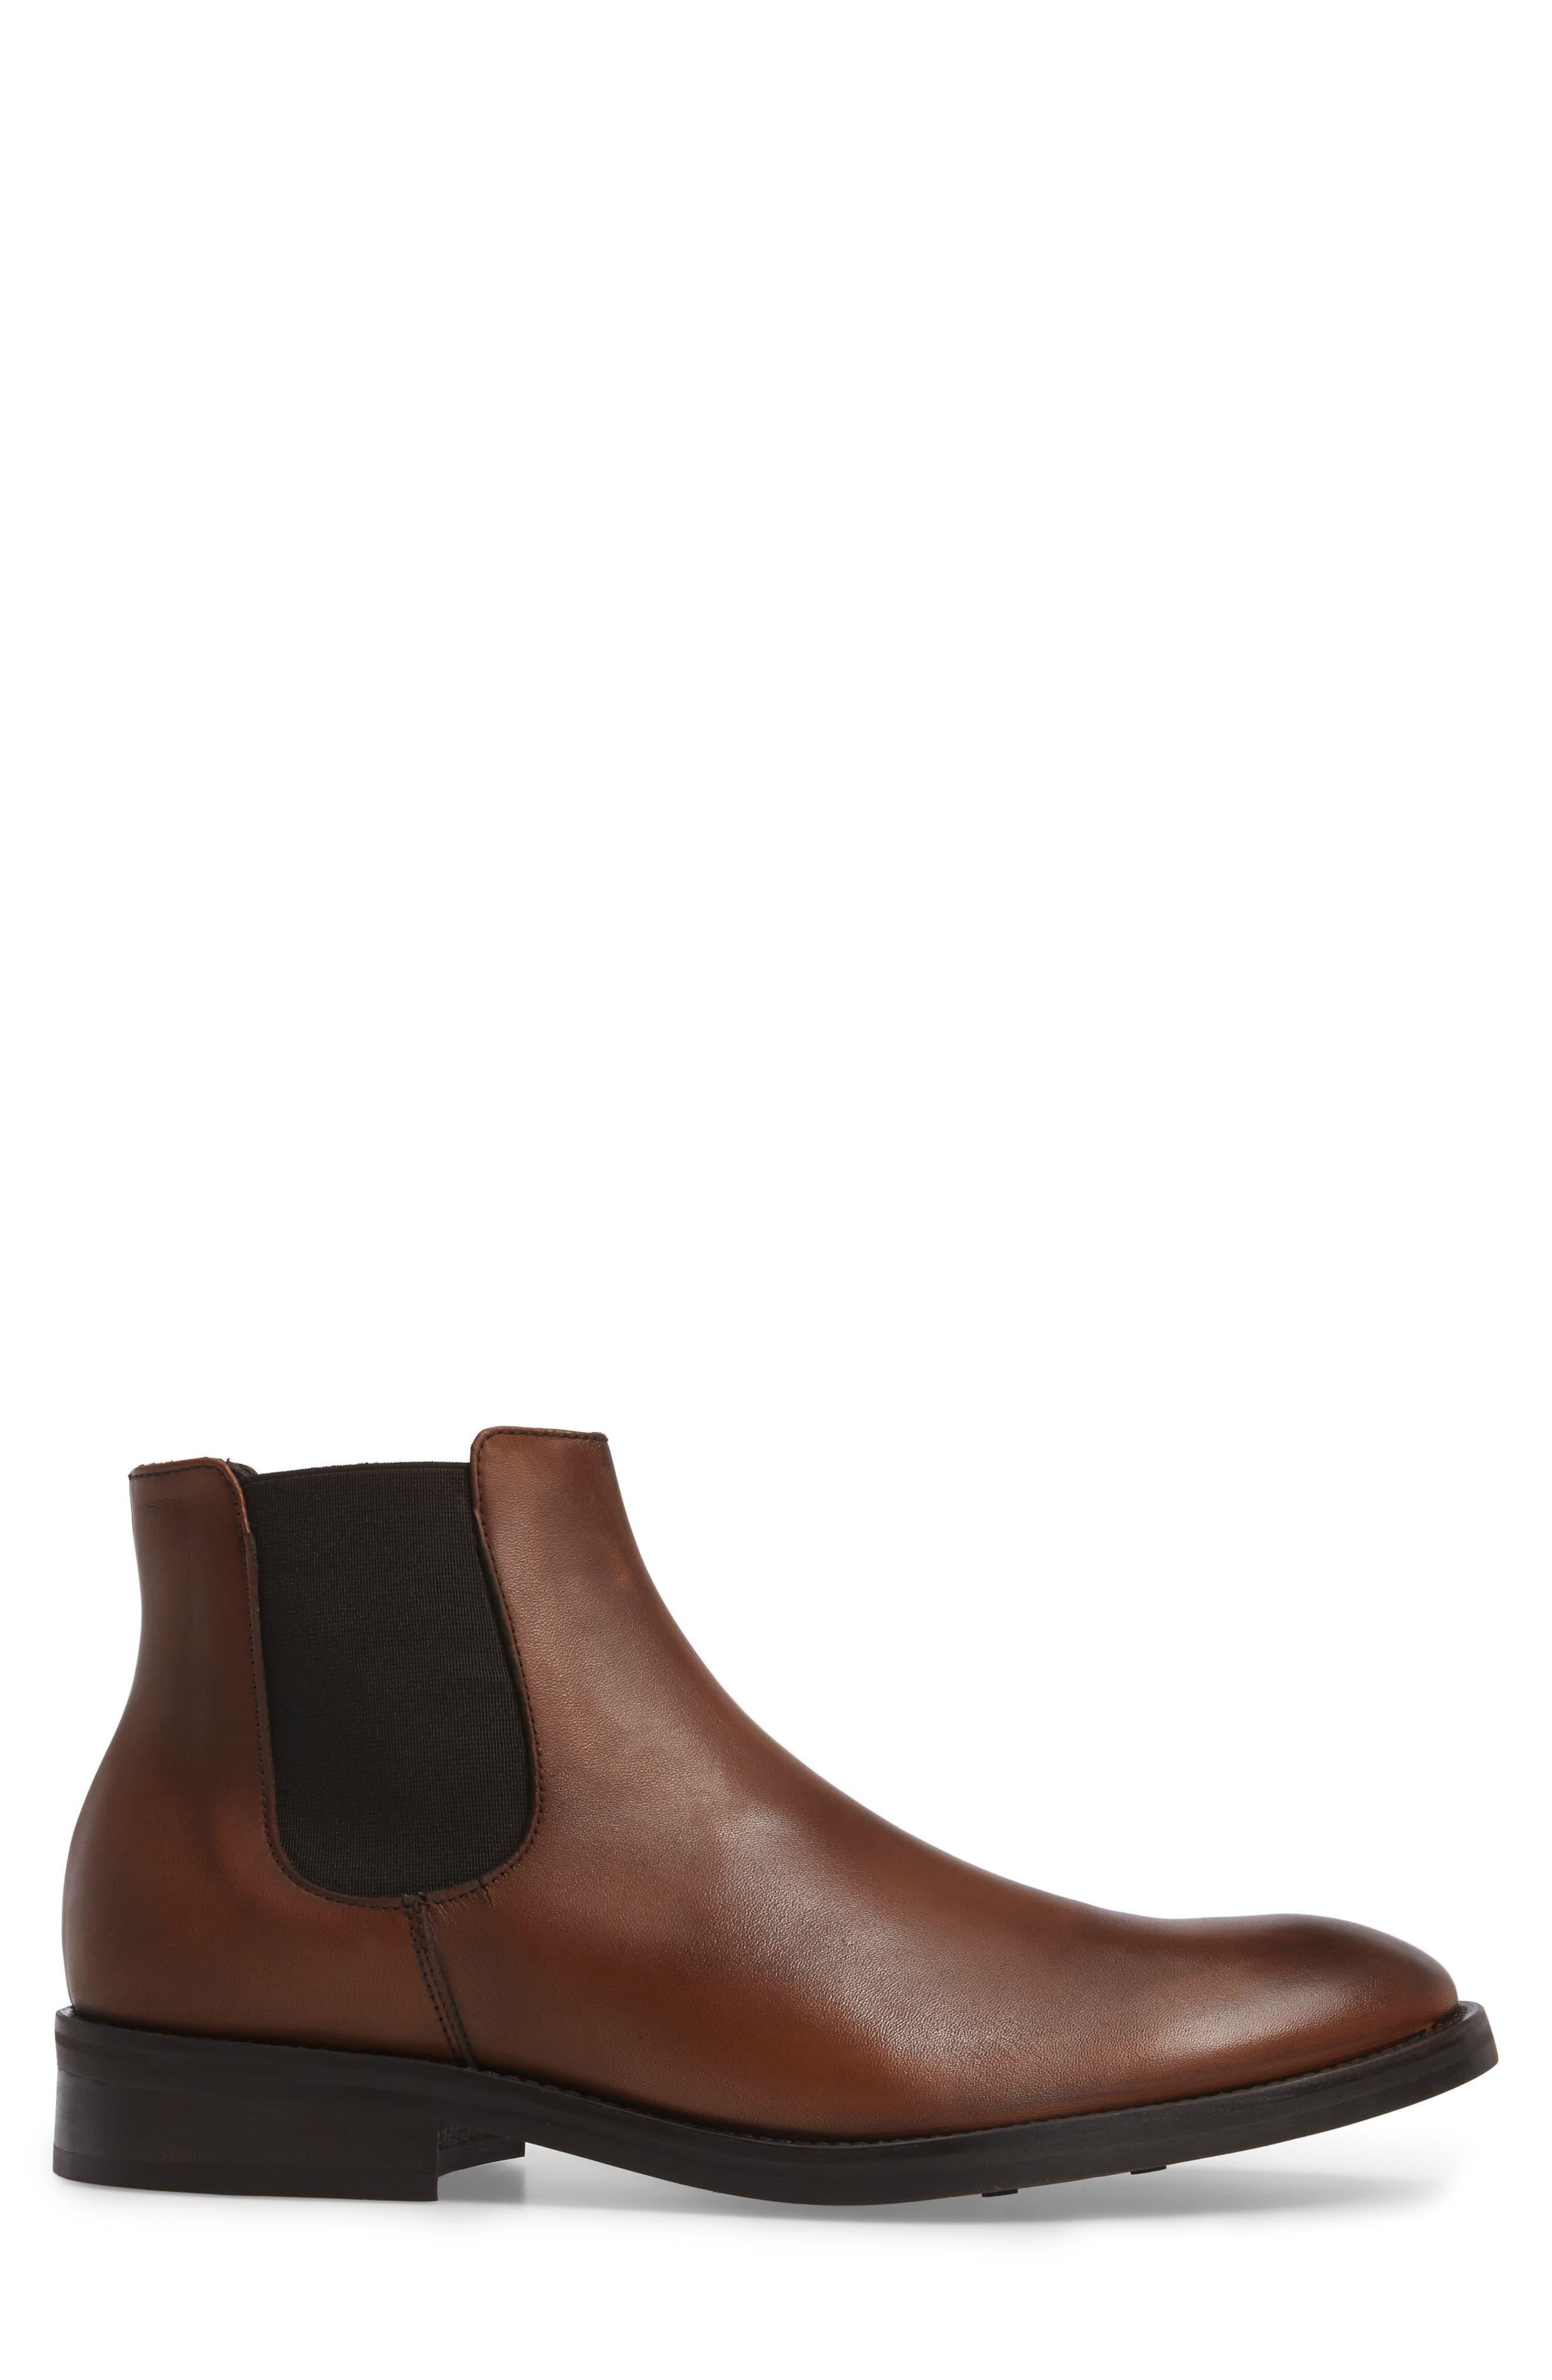 Finn Chelsea Boot,                             Alternate thumbnail 9, color,